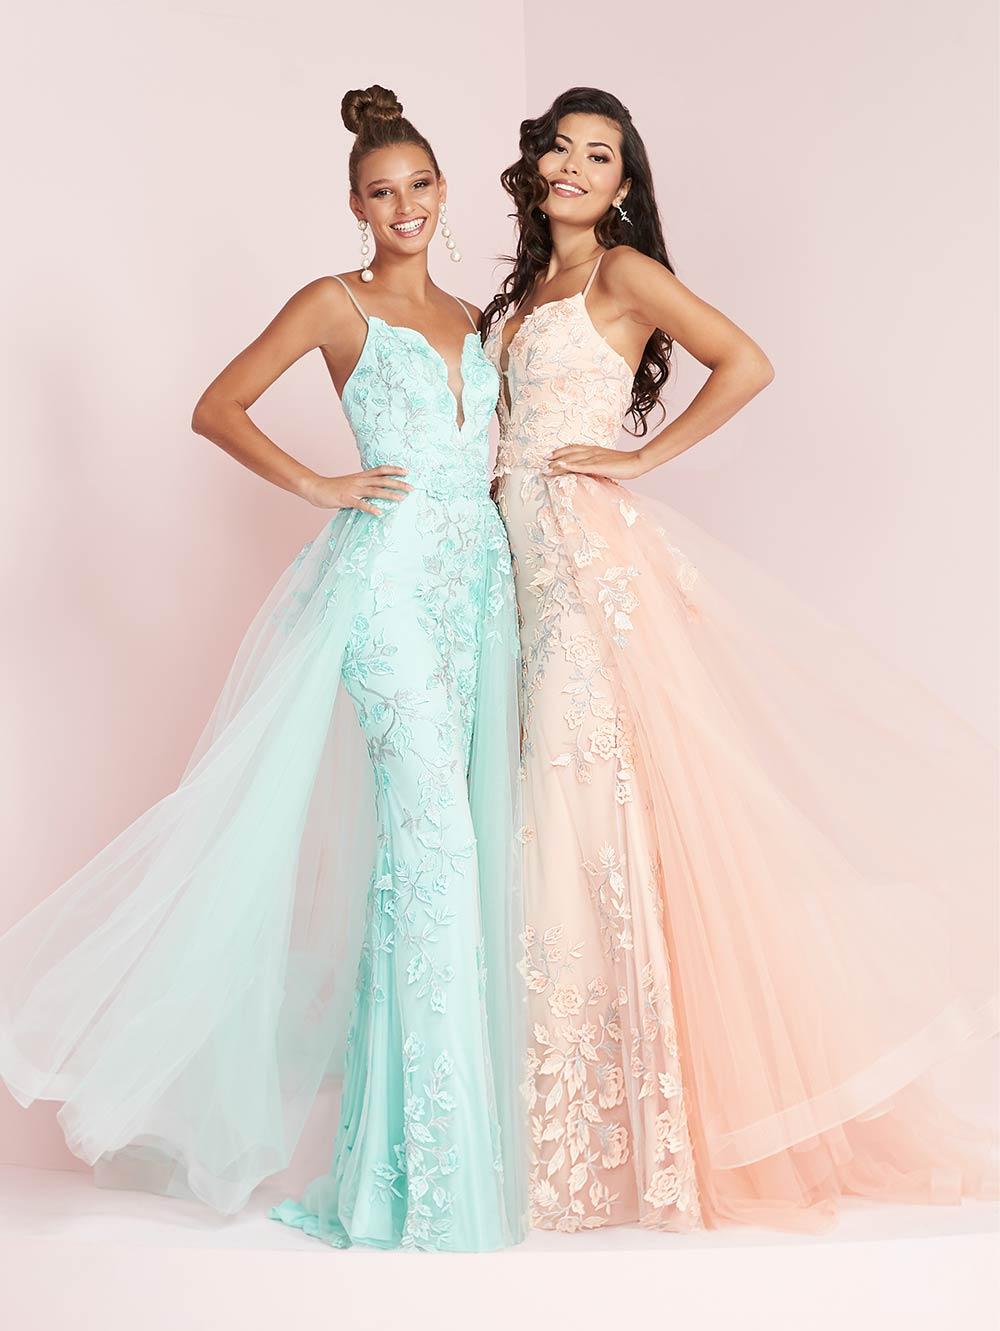 prom-dresses-jacquelin-bridals-canada-27572